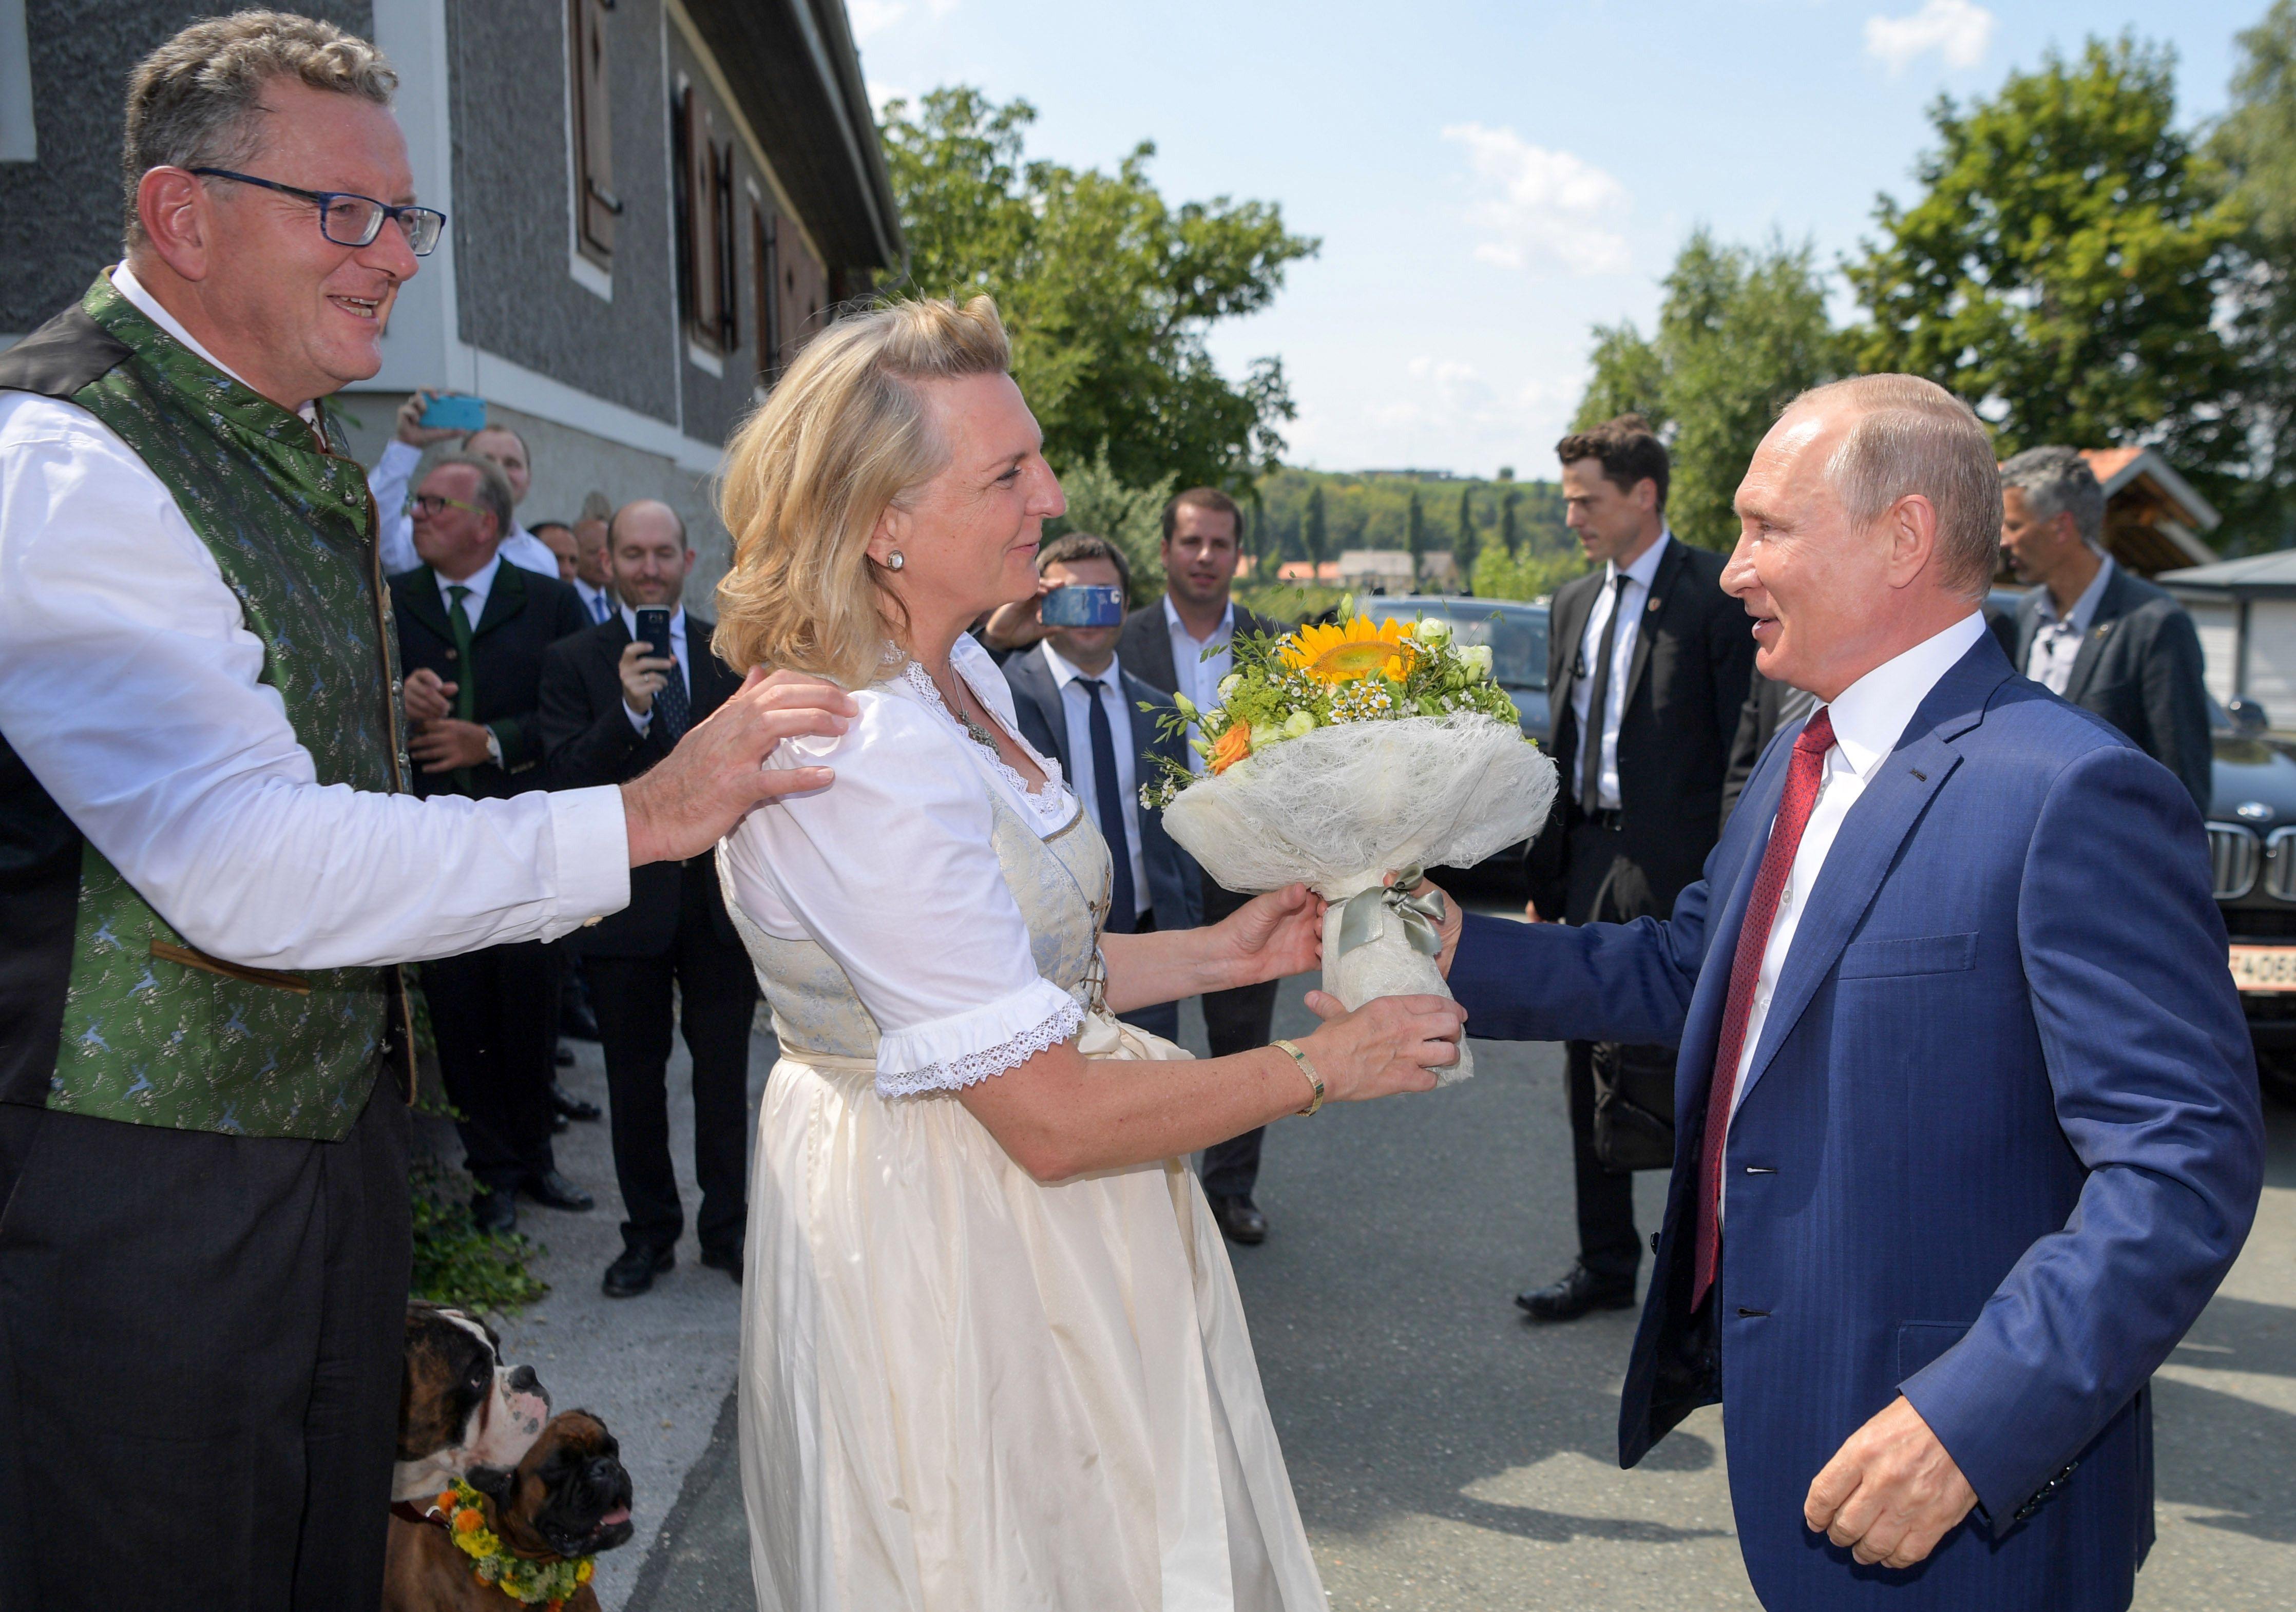 وزيرة خارجية النمسا تقدم الورد لبوتين